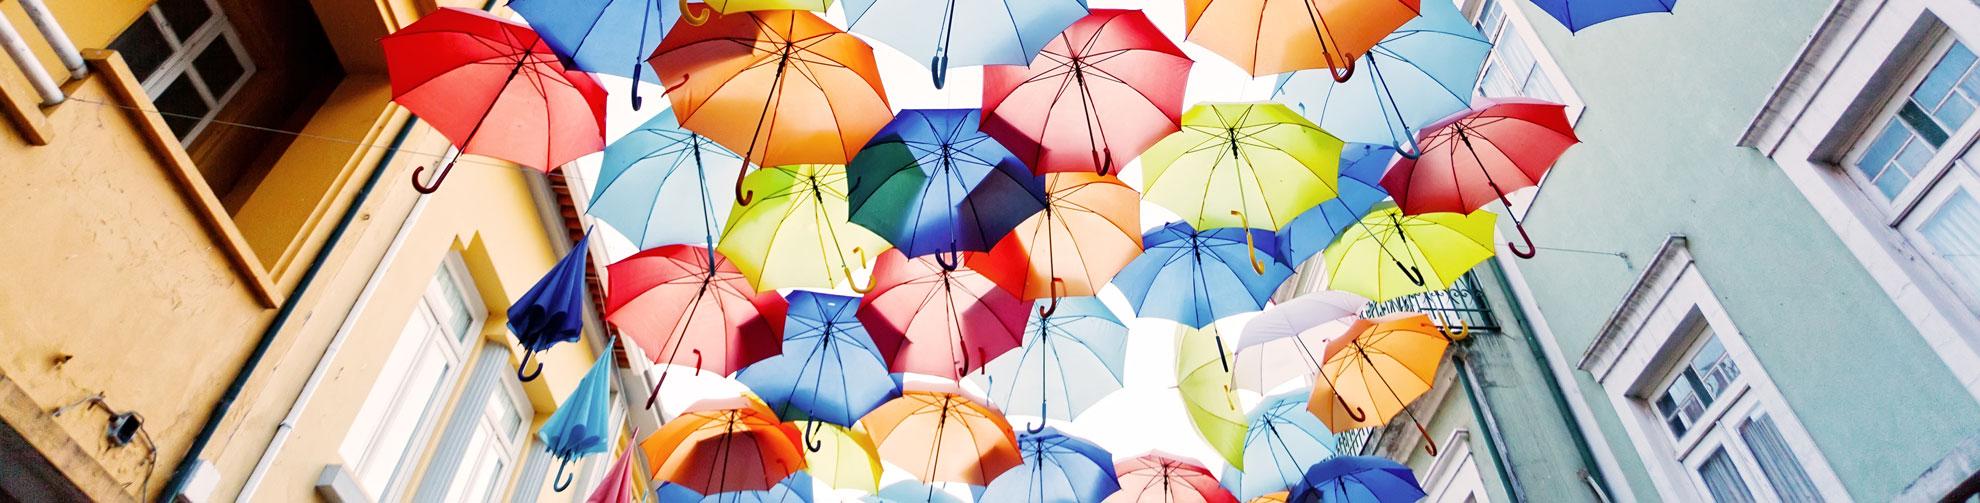 Immagine ombrelli